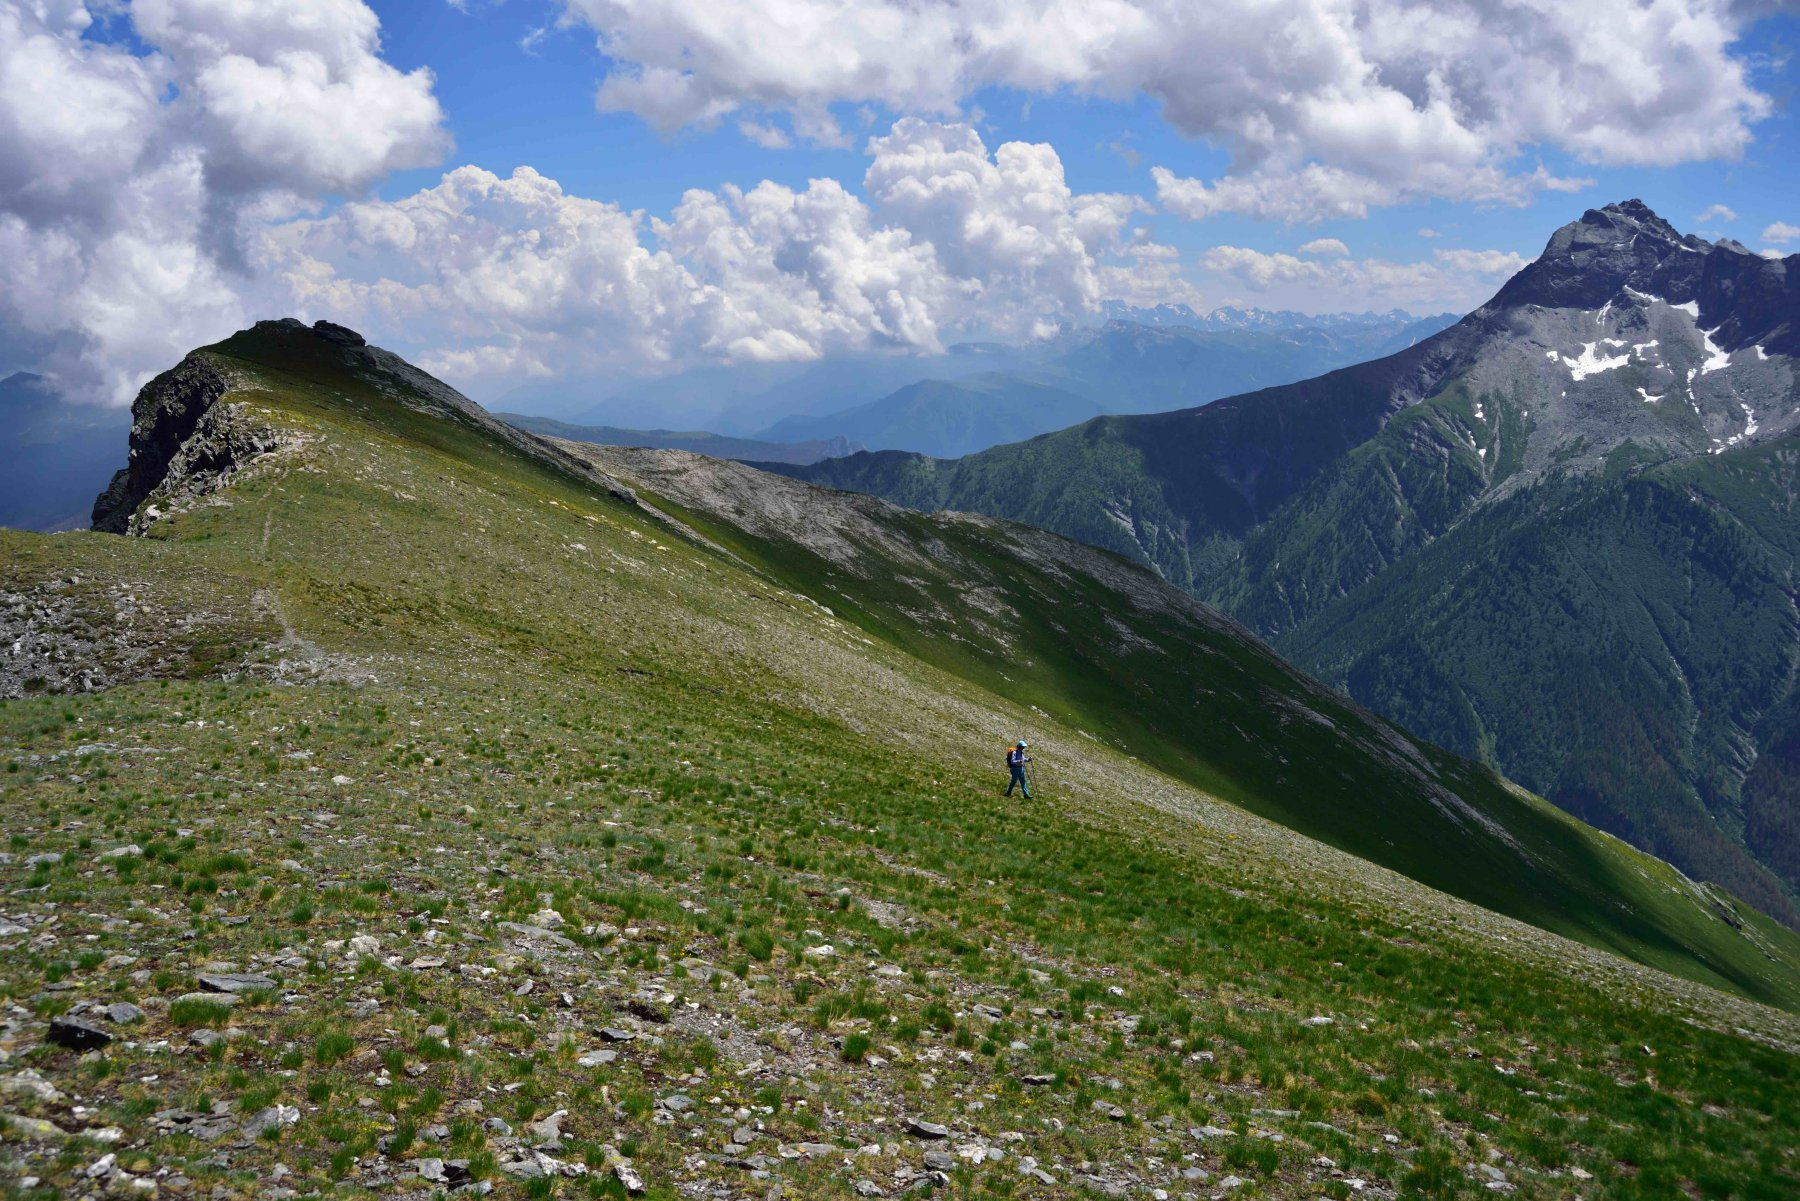 Il M.Pietralunga e il Pelvo d'Elva visti dalla cresta verso il Colle del Bondormir